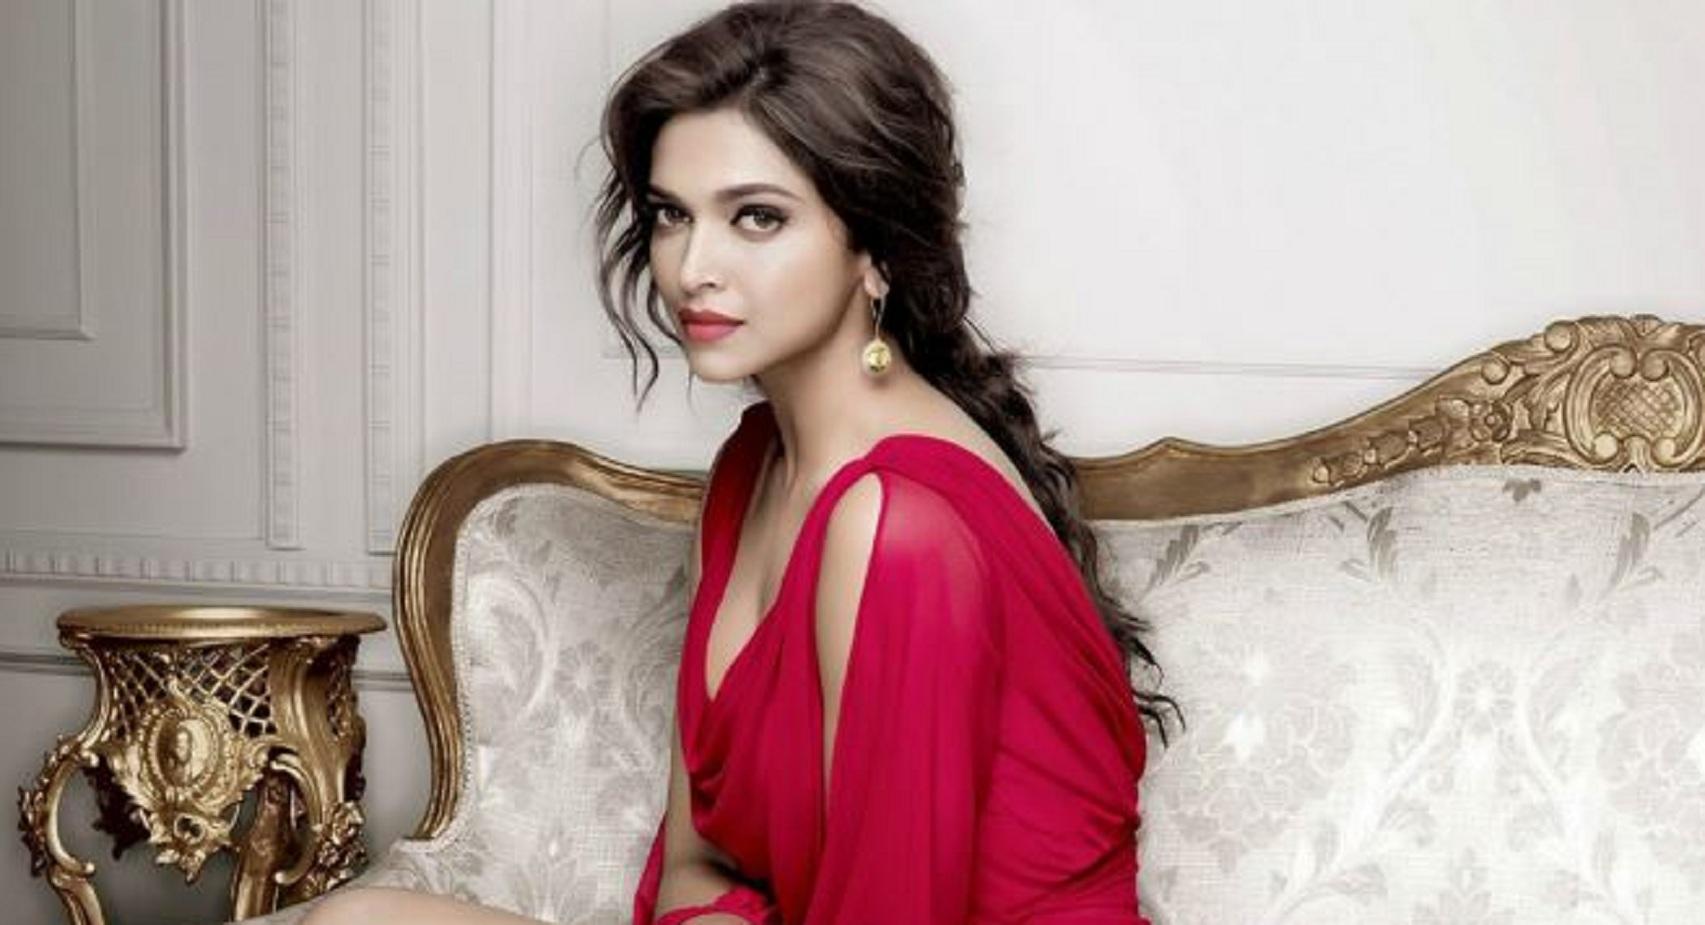 With 112-Crore Earnings In 2018, Deepika Padukone Is The ...